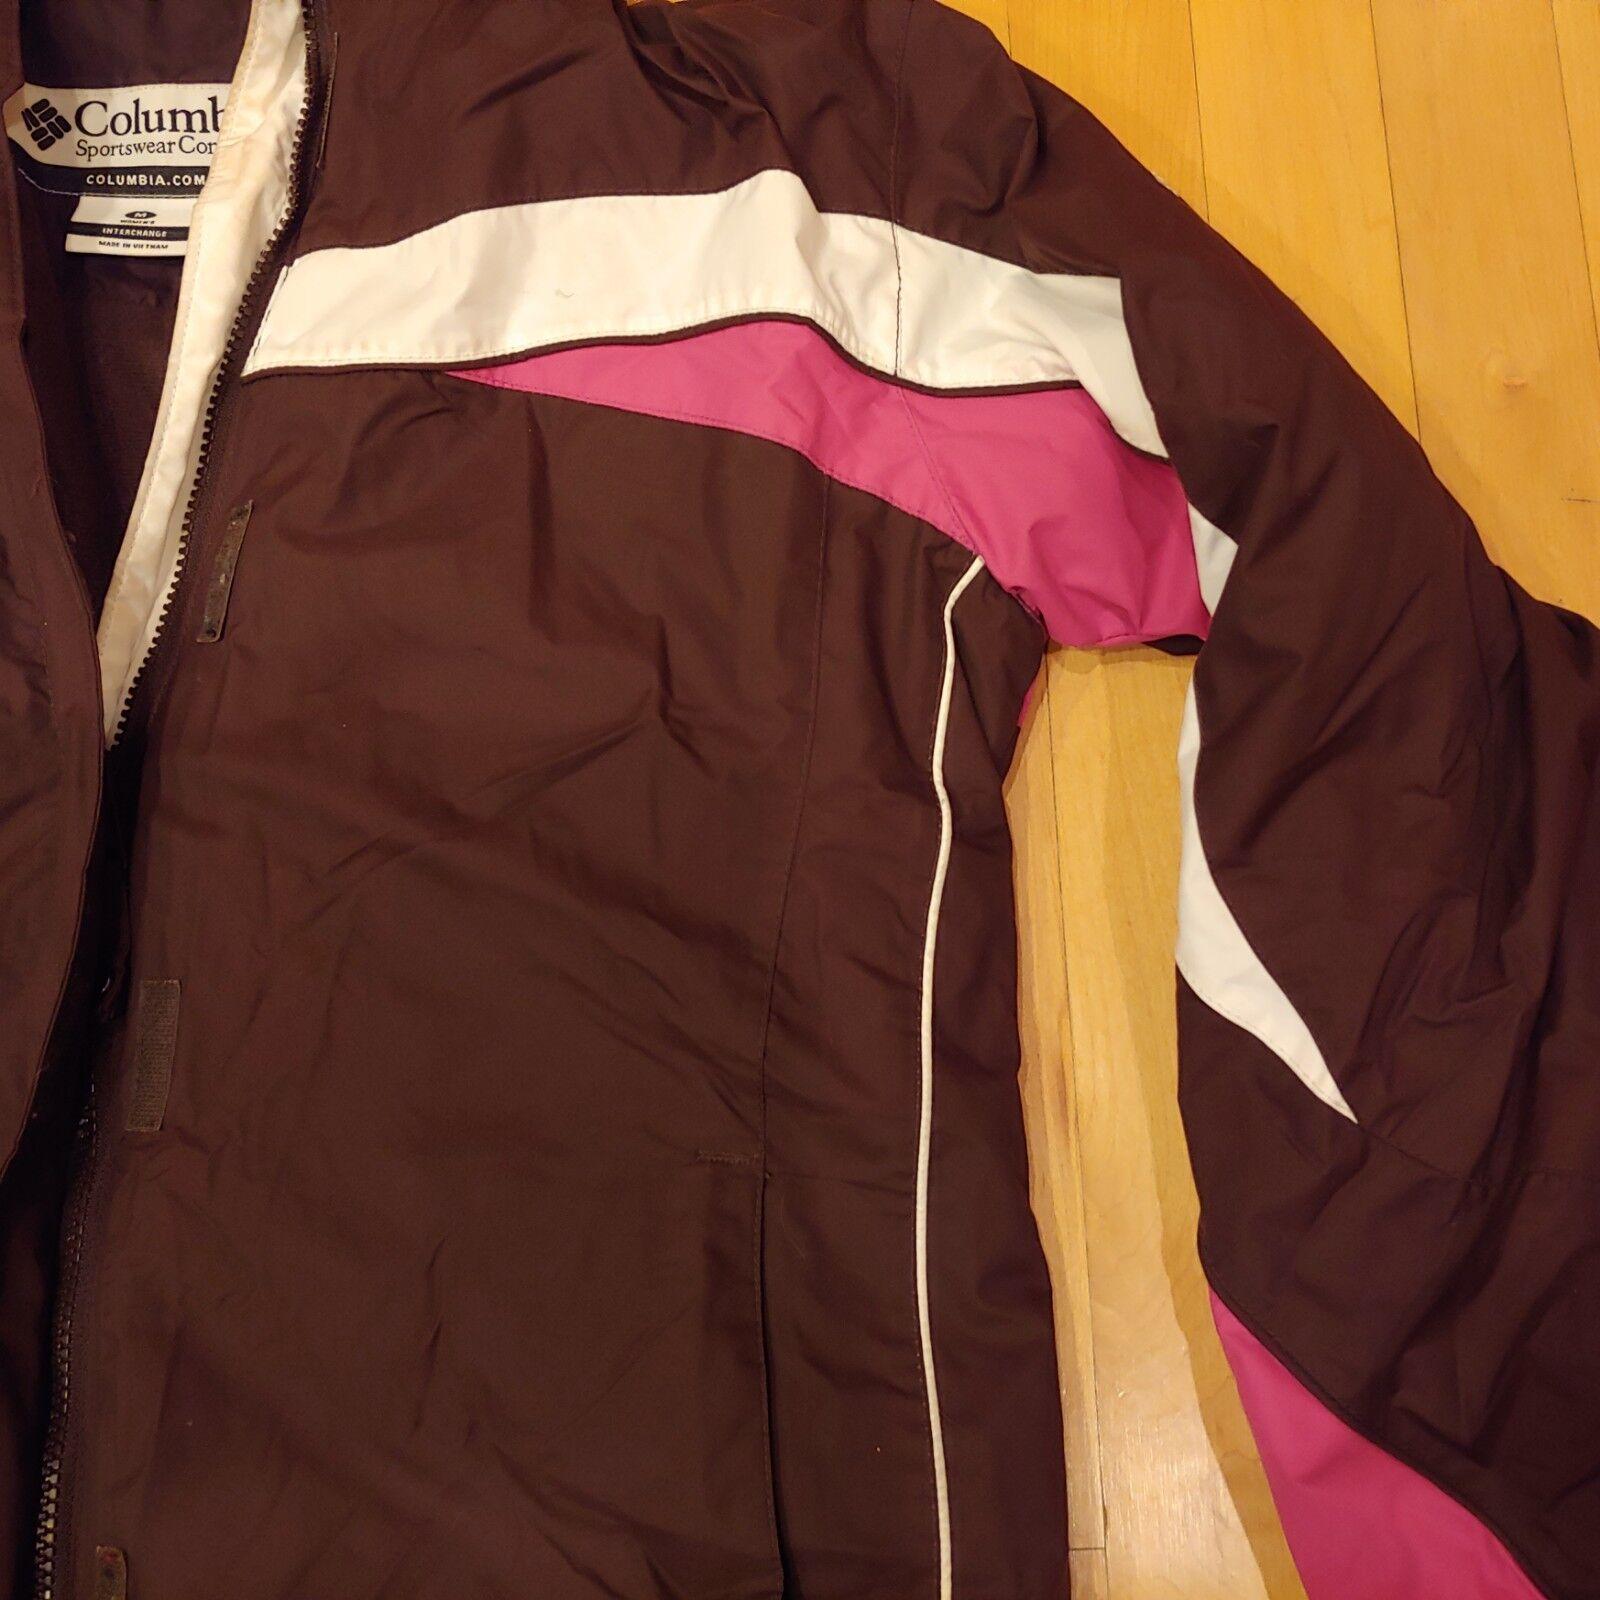 Para mujer M Mediano Columbia Marrón rosado rosado rosado no Chaqueta De Invierno Con Capucha 23532c